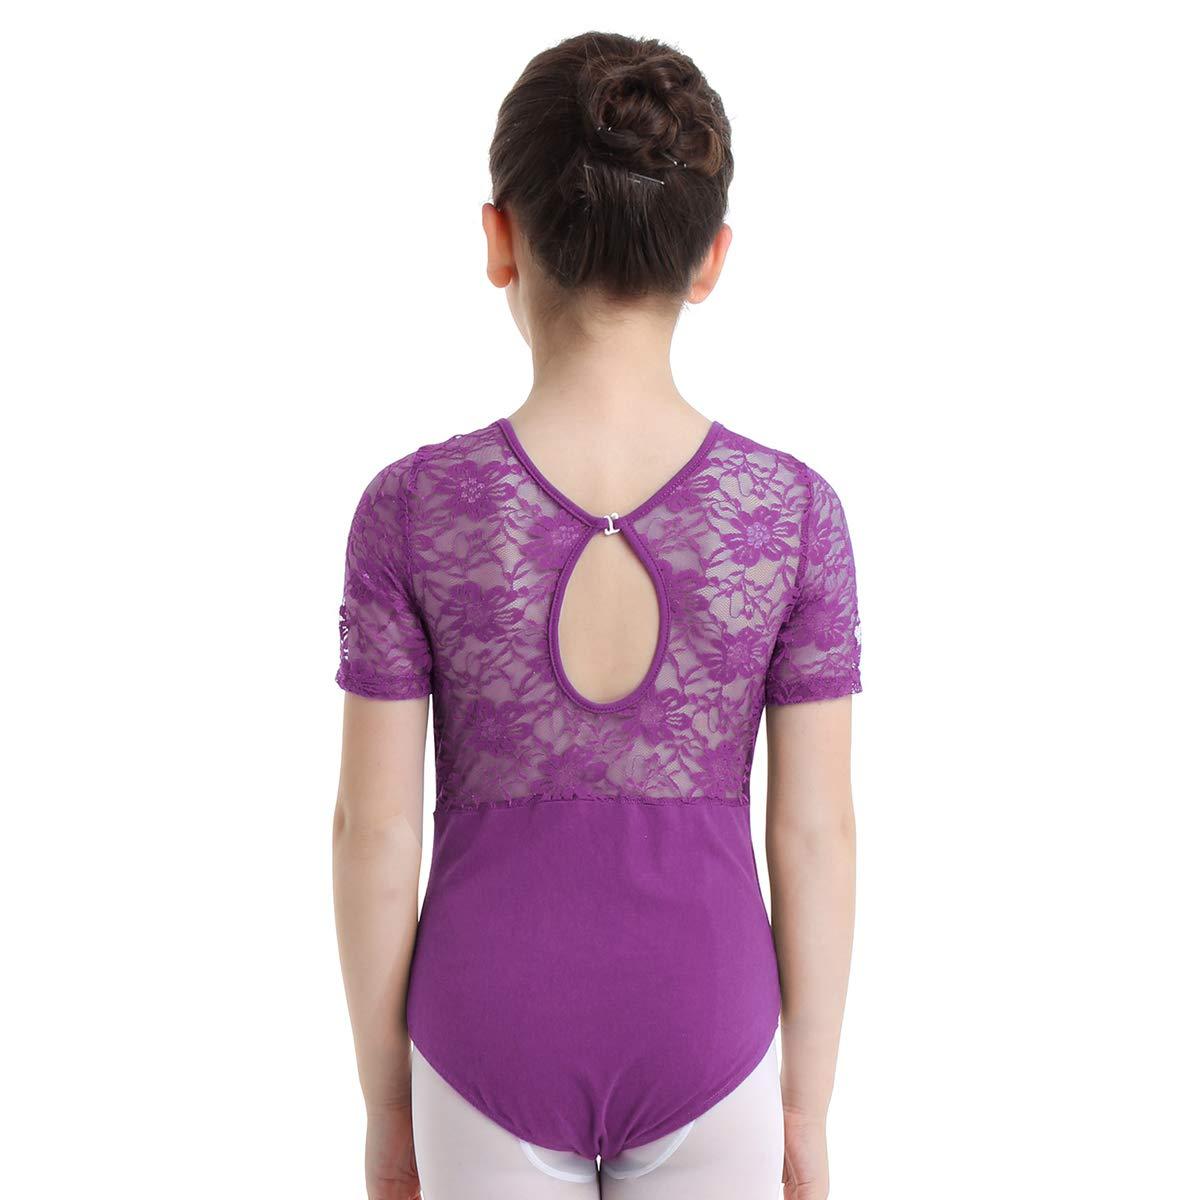 Agoky Girls Floral Lace Splice Keyhole Back Short Sleeves Ballet Dance Gymnastics Leotard Jumpsuit